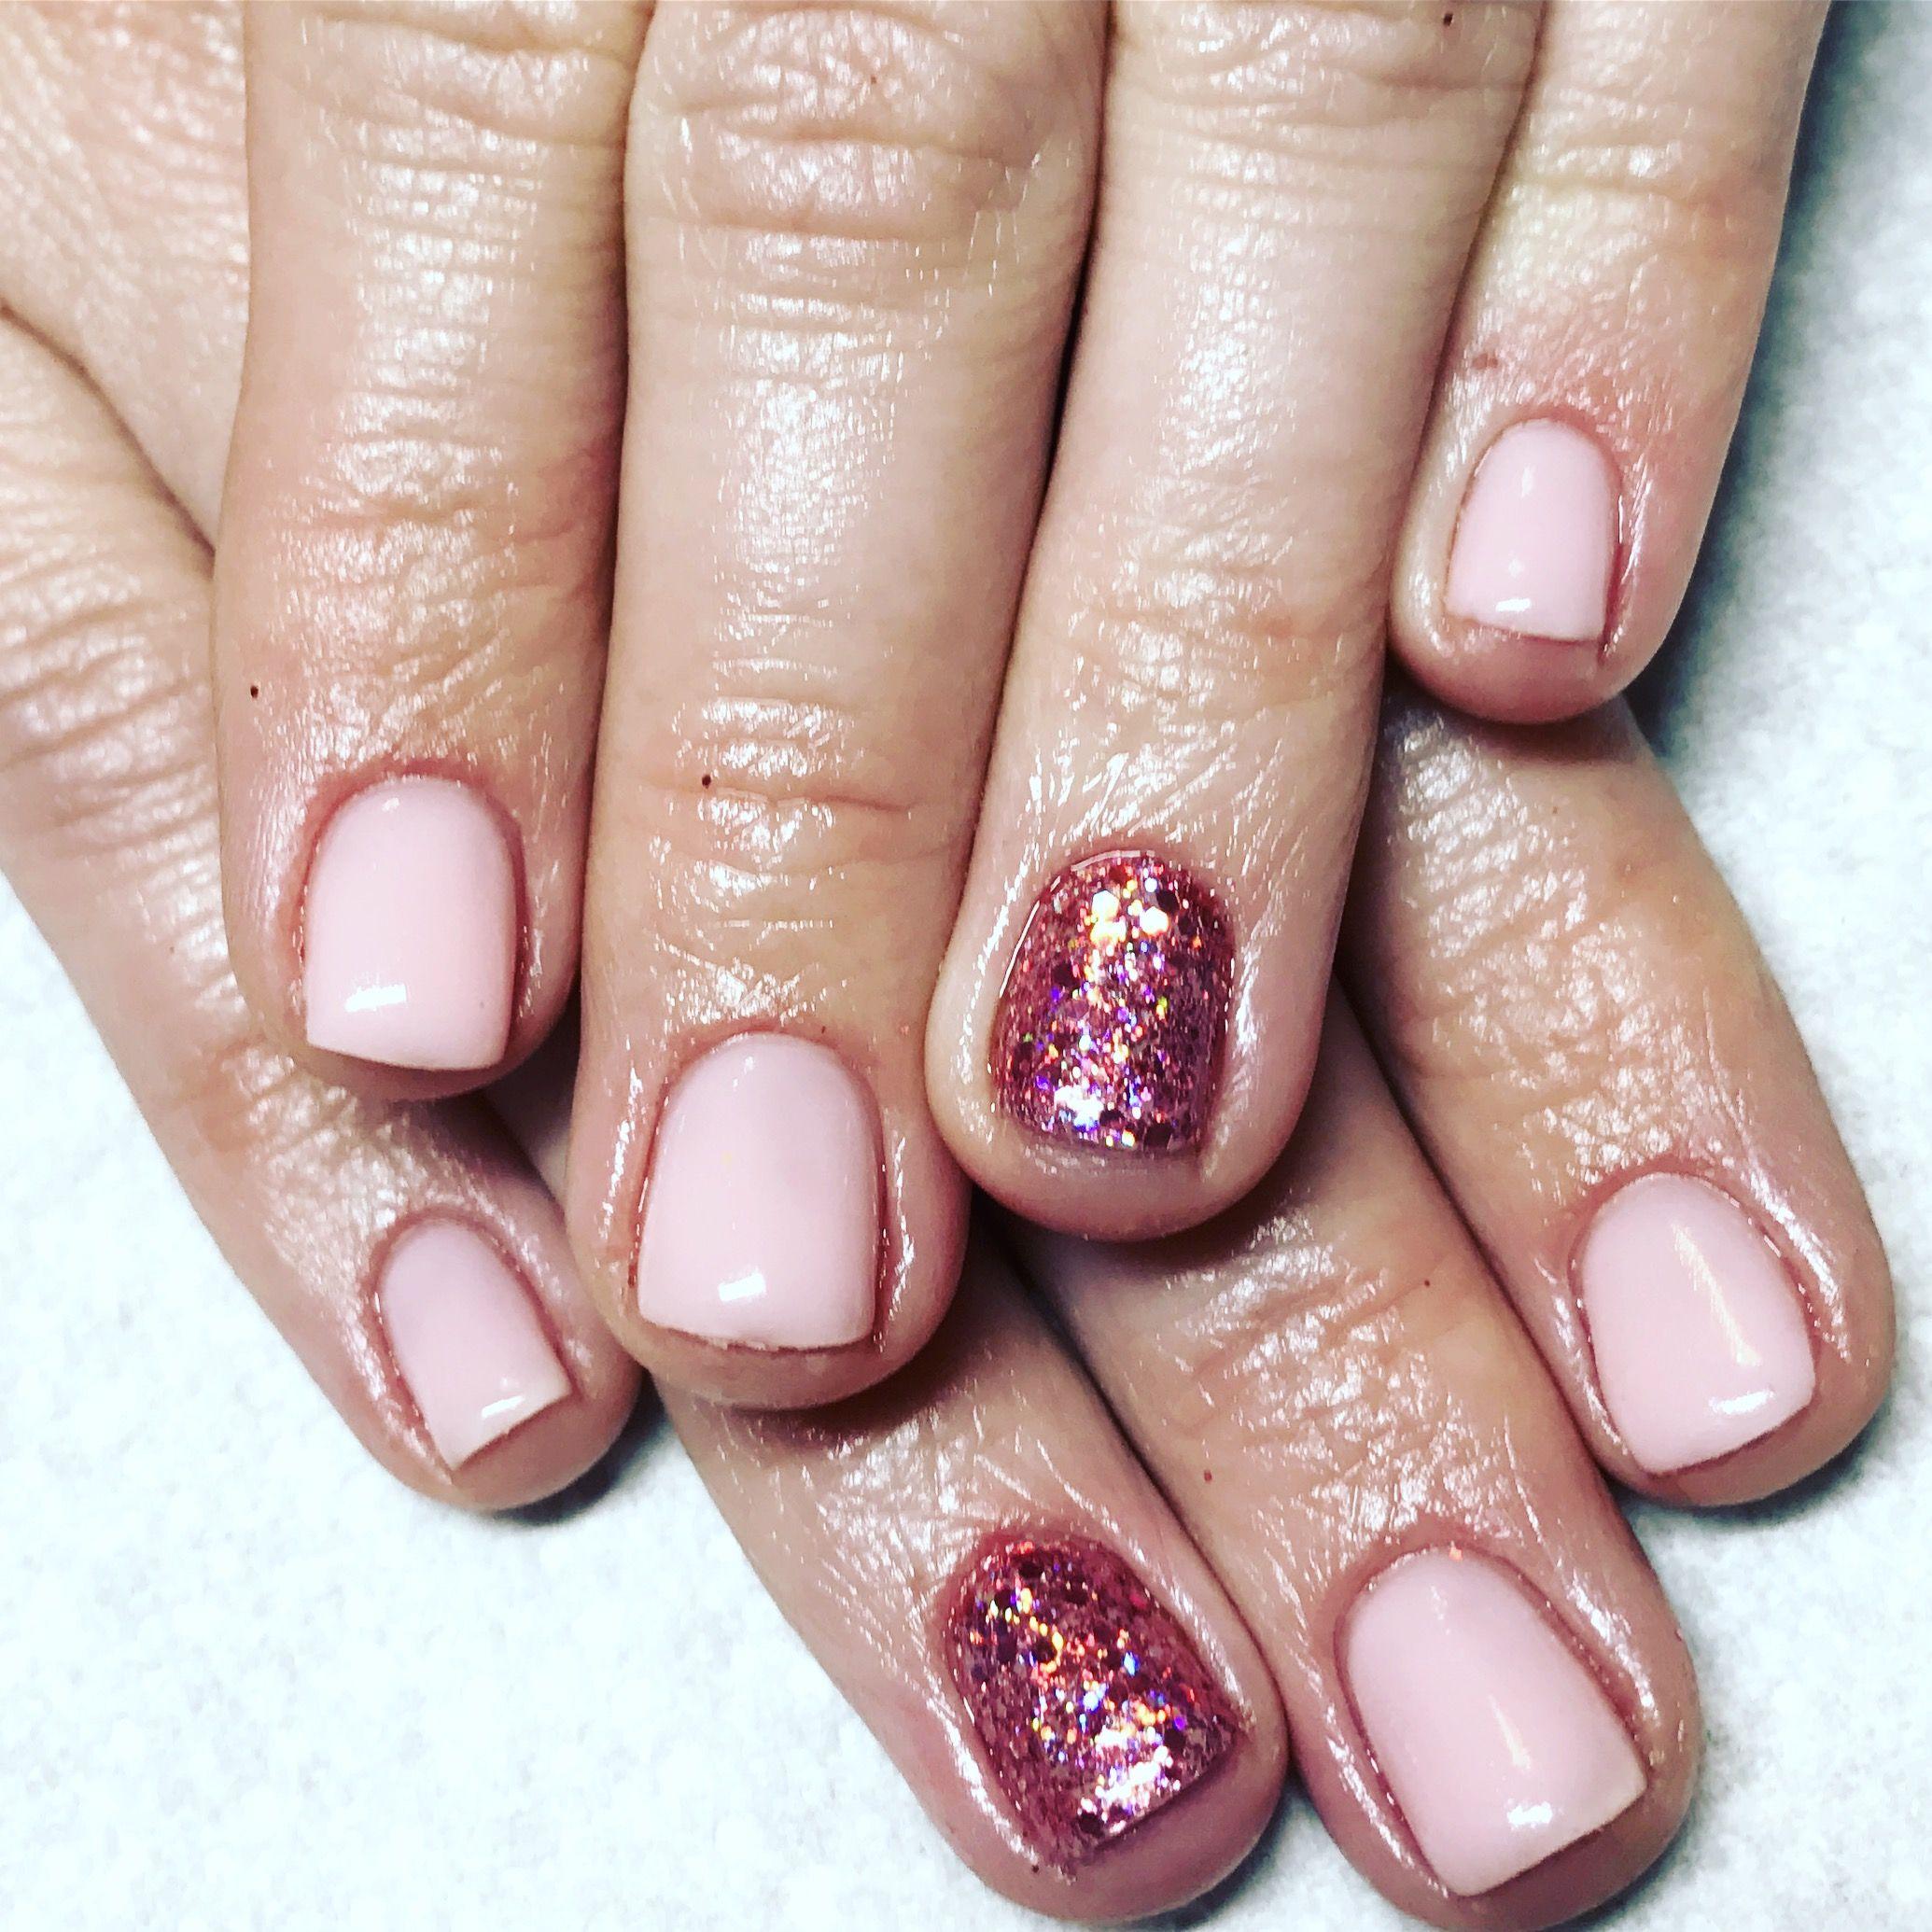 opi bubble bath gel. gel nails. light pink nails. pink nails. rose